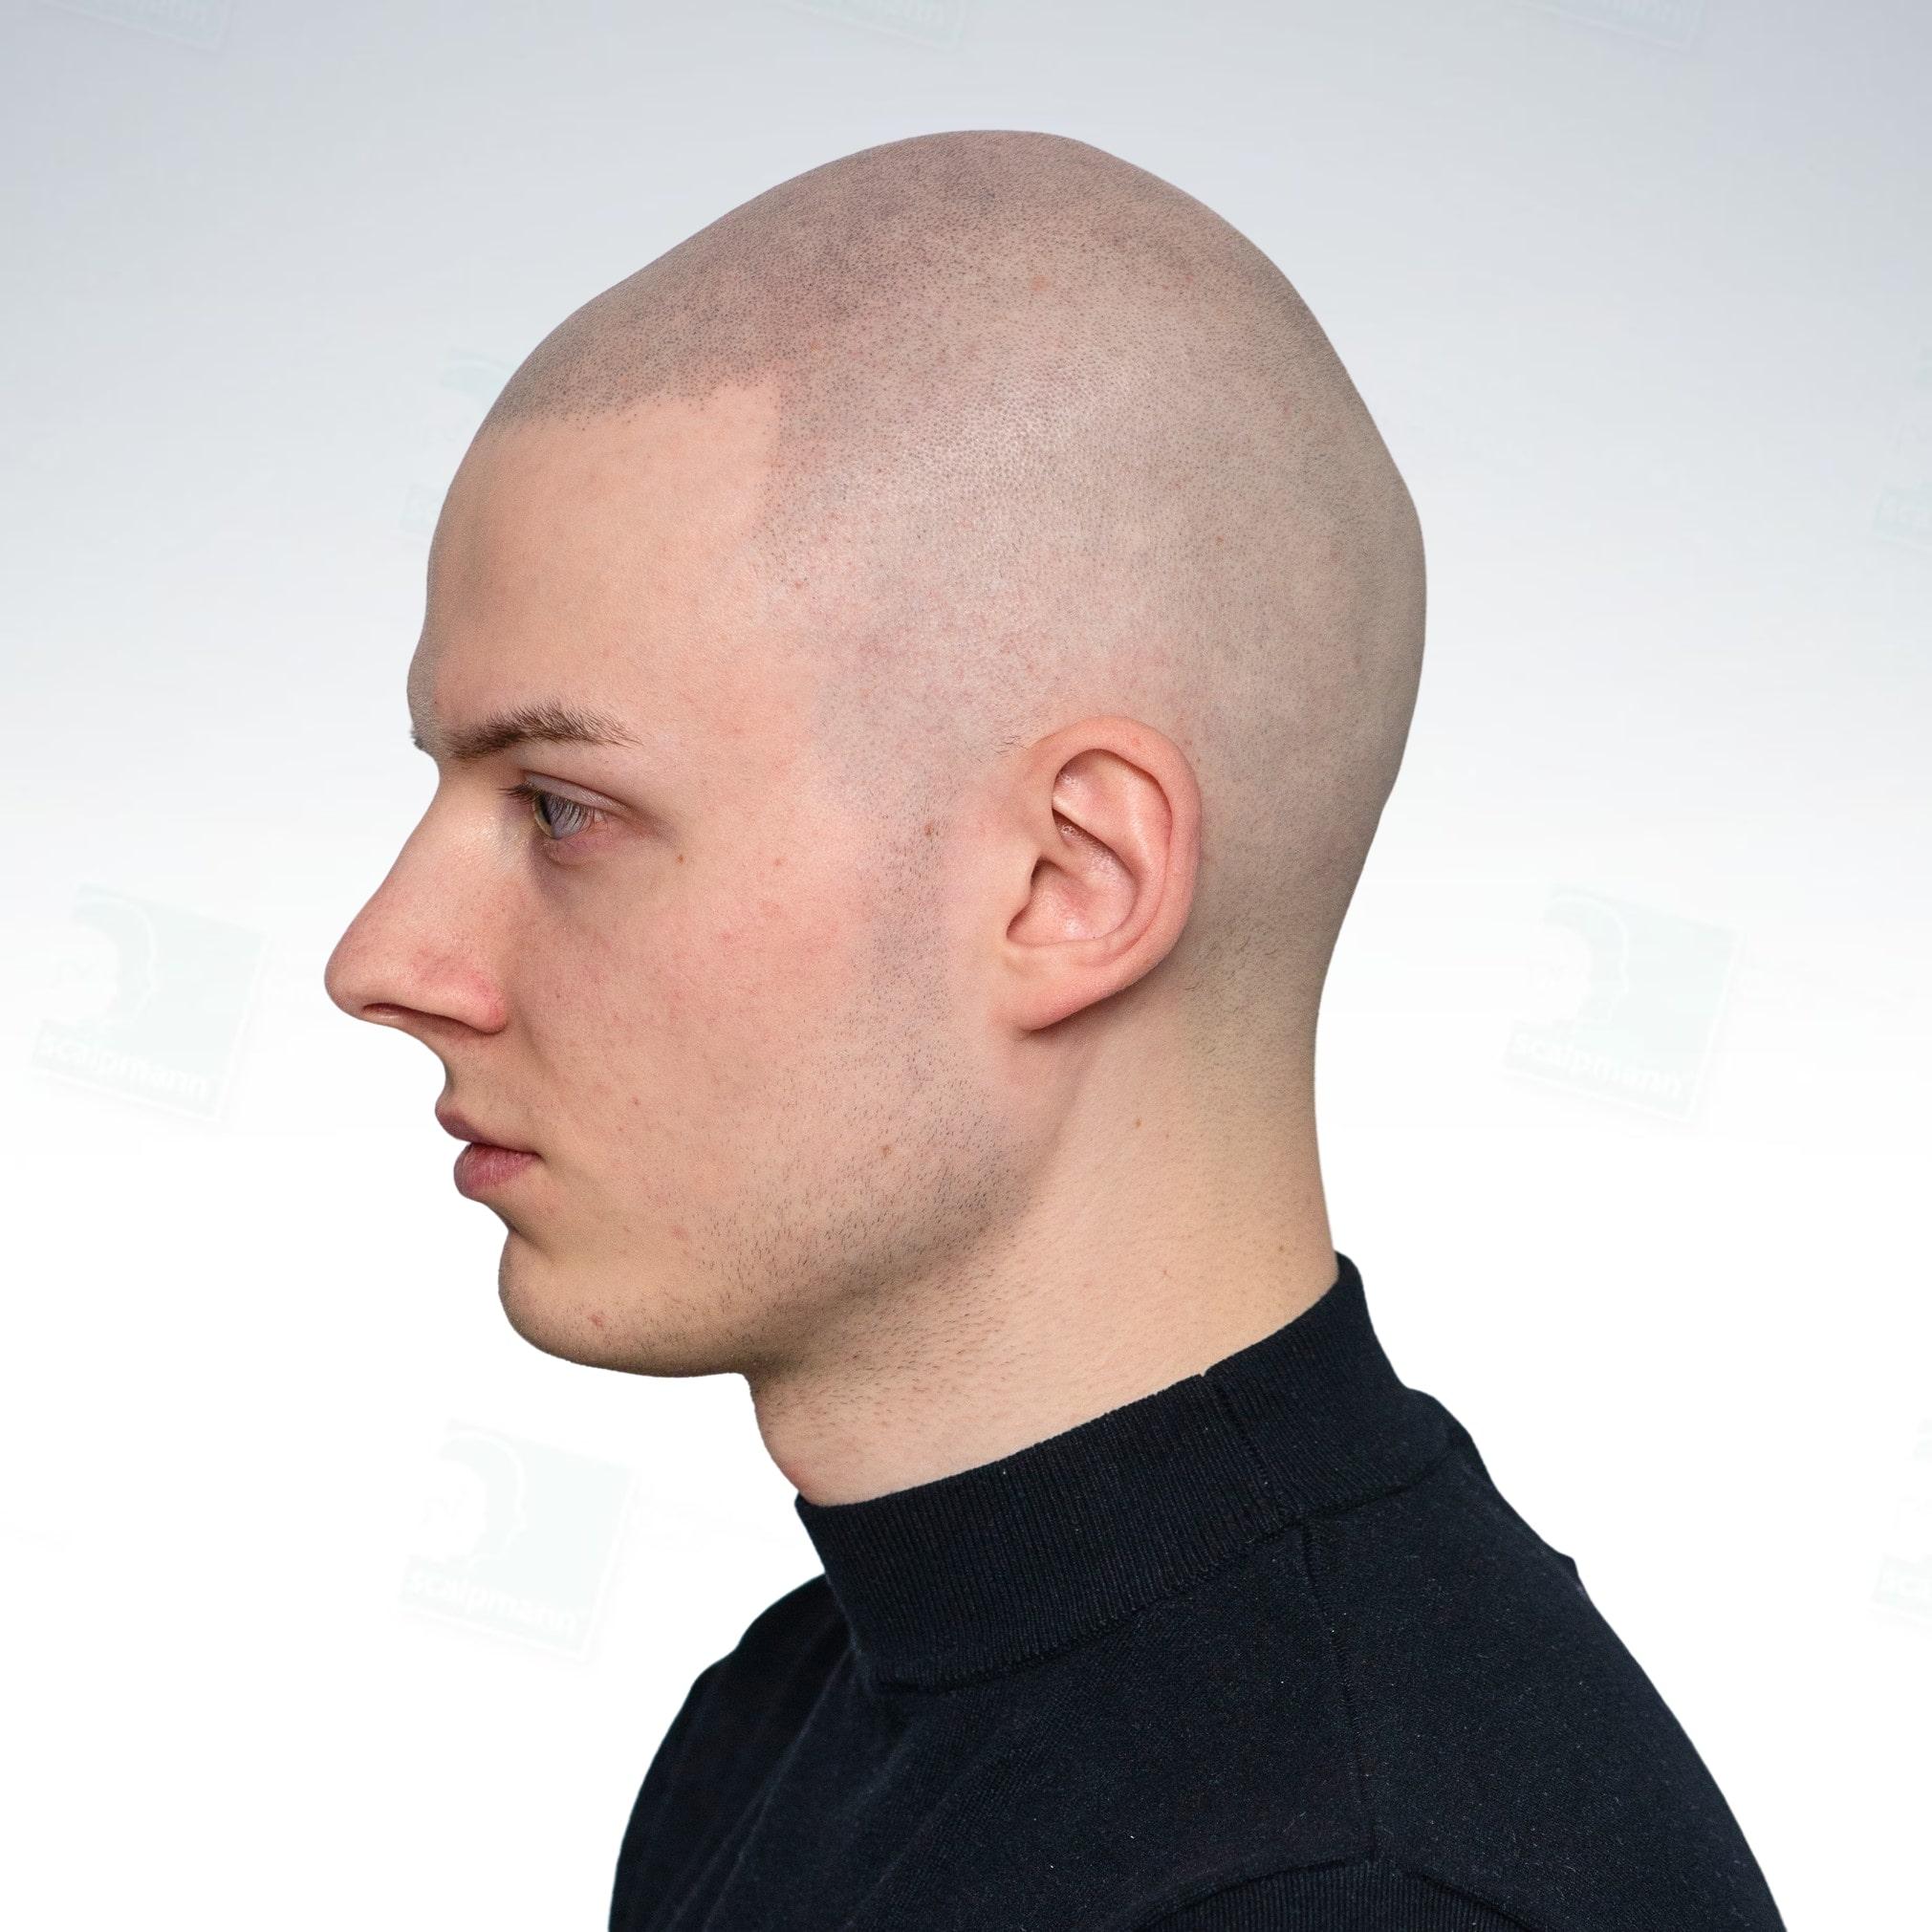 Kamil łysy mężczyzna po zabiegu mikropigmentacji skóry głowy w Scalpmann